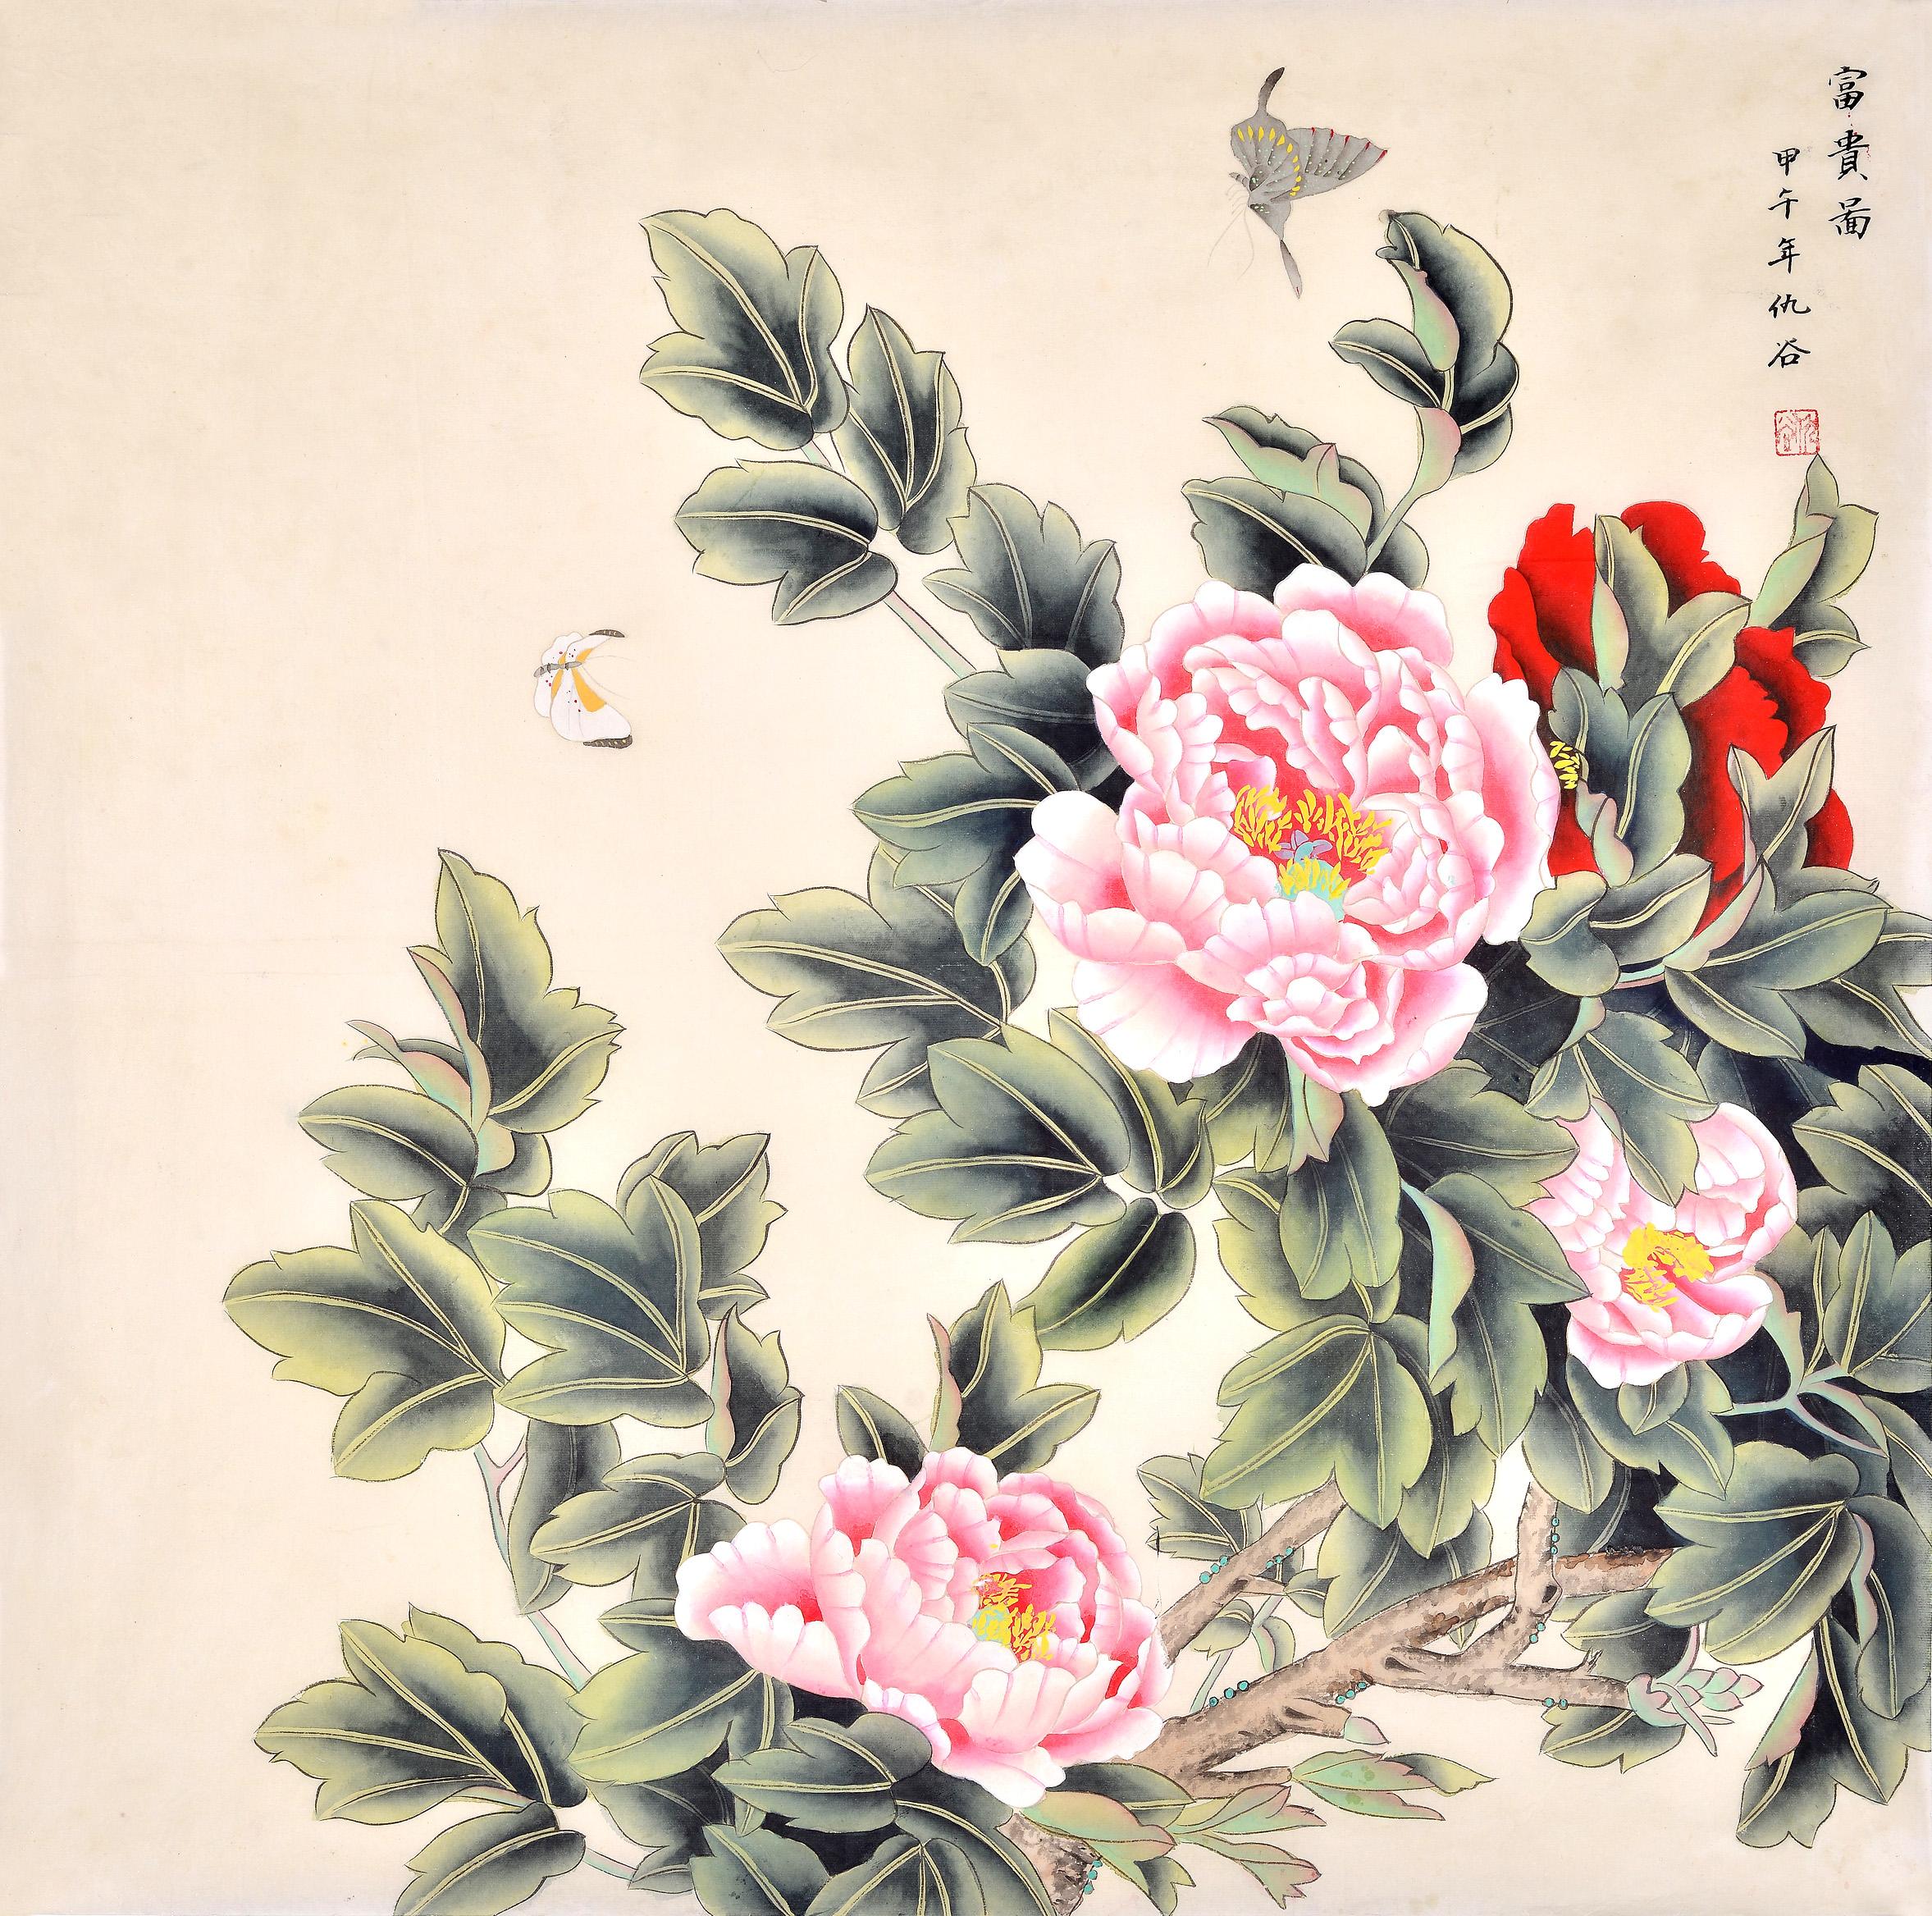 众所周知,客厅挂画能够调节客厅风水。中国字画有山水画、花鸟画、人物画之分,在客厅挂一幅寓意美好的花鸟画,不仅能很好地装饰客厅,在风水上还利于自己家庭的走运聚财。需要注意的是并非所有的花鸟画都适合调节客厅风水,同时在悬挂时也应该注意方位的选择。下面就给大家推荐几幅能够调节客厅风水的花鸟画作品。 一、仇谷四尺斗方花鸟画牡丹蝴蝶《富贵图》  这是一幅仇谷老师的工笔花鸟画牡丹图。作品中的牡丹枝叶茂盛,花朵竞相开放,娇艳美丽。蝴蝶的点缀恰到好处,两只蝴蝶飞舞在花层中,呈现出一幅和谐、幸福美满的景象。作品用笔细腻,层